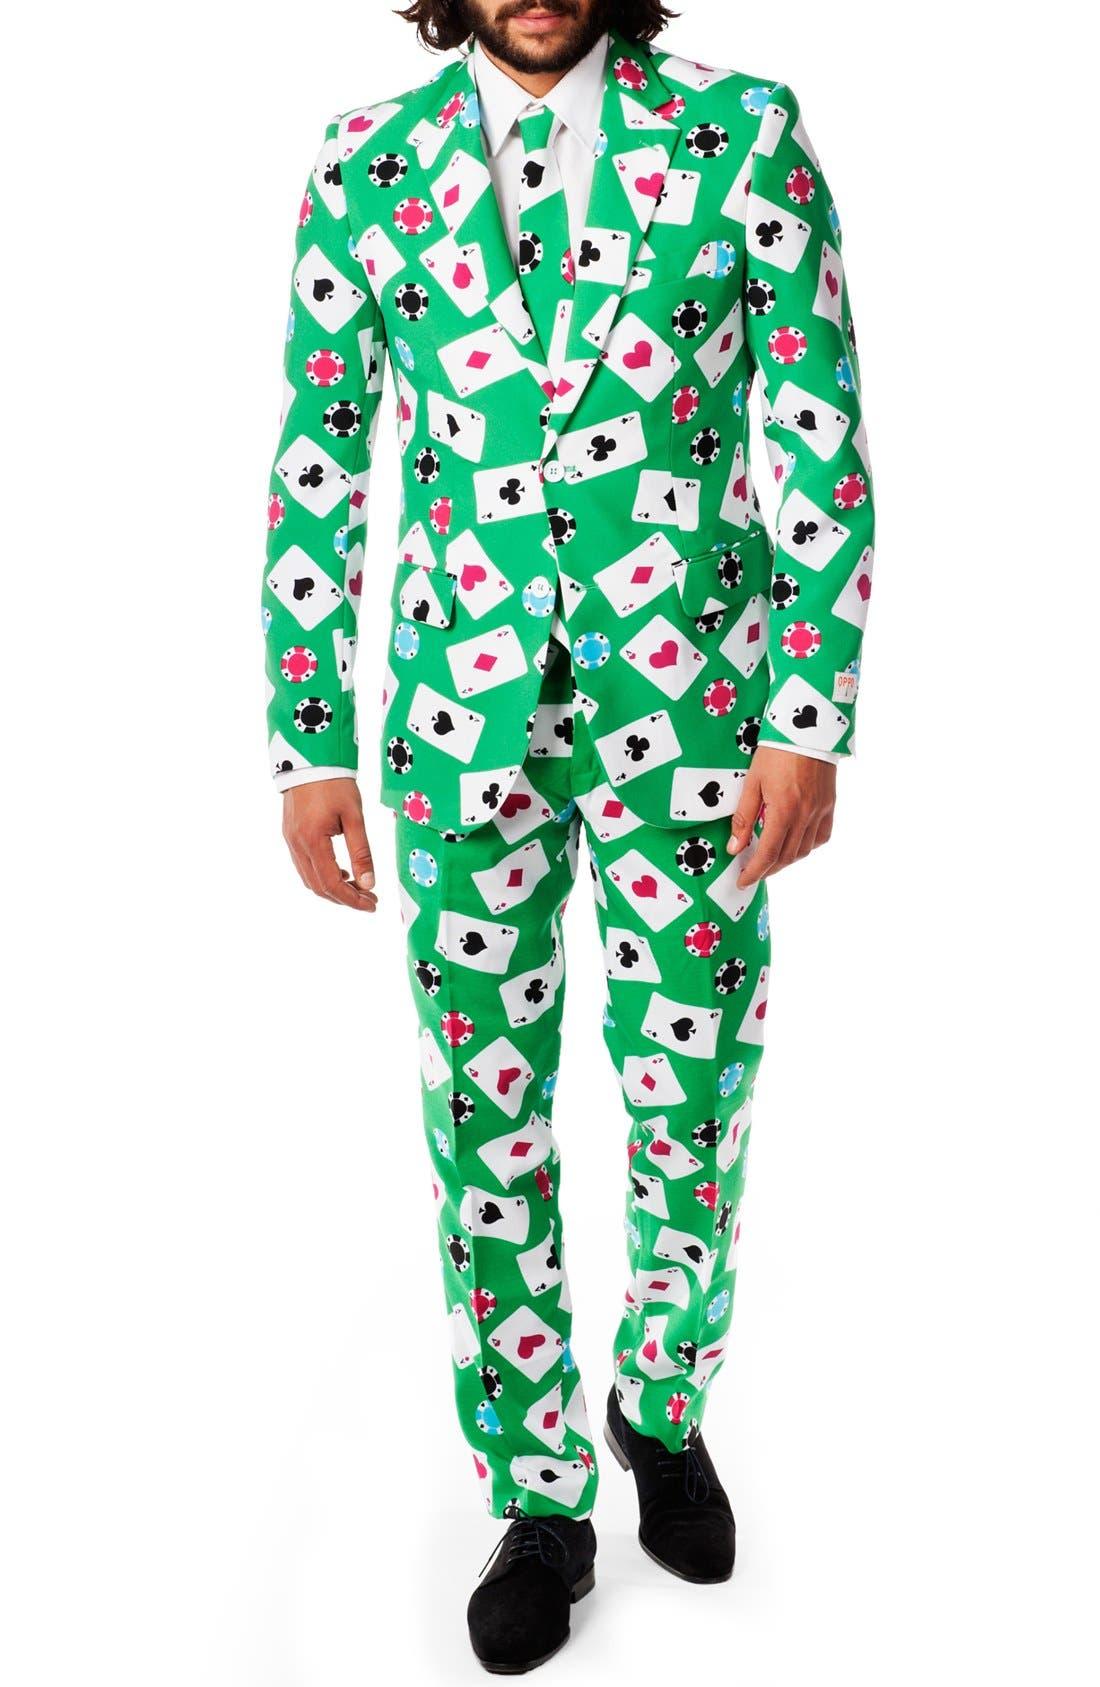 'Poker Face' Trim Fit Suit with Tie,                             Main thumbnail 1, color,                             300